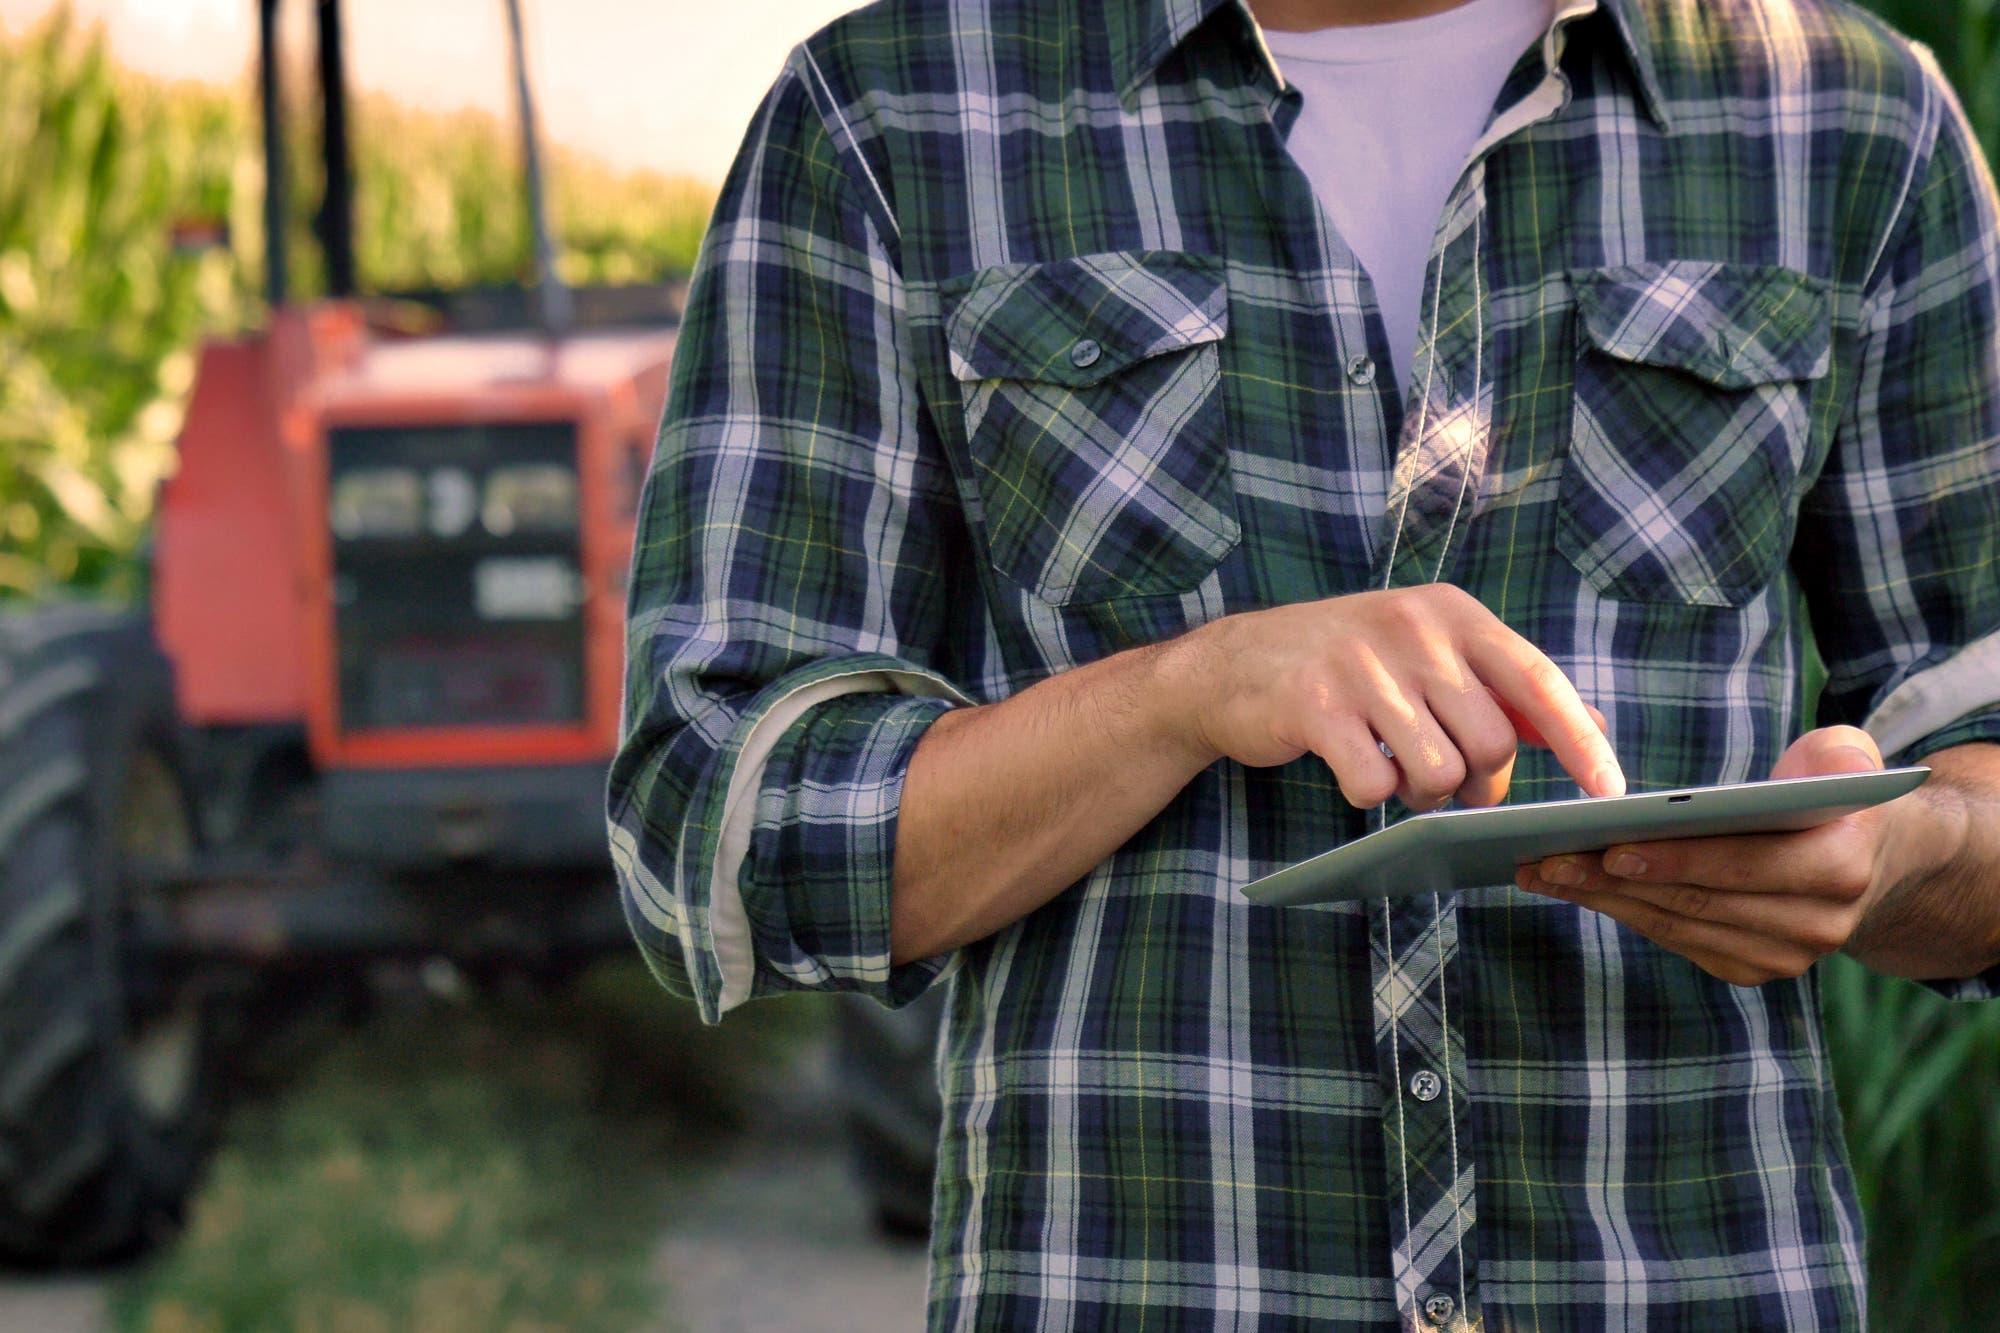 Educación. El 6% de los productores agropecuarios no saben leer ni escribir